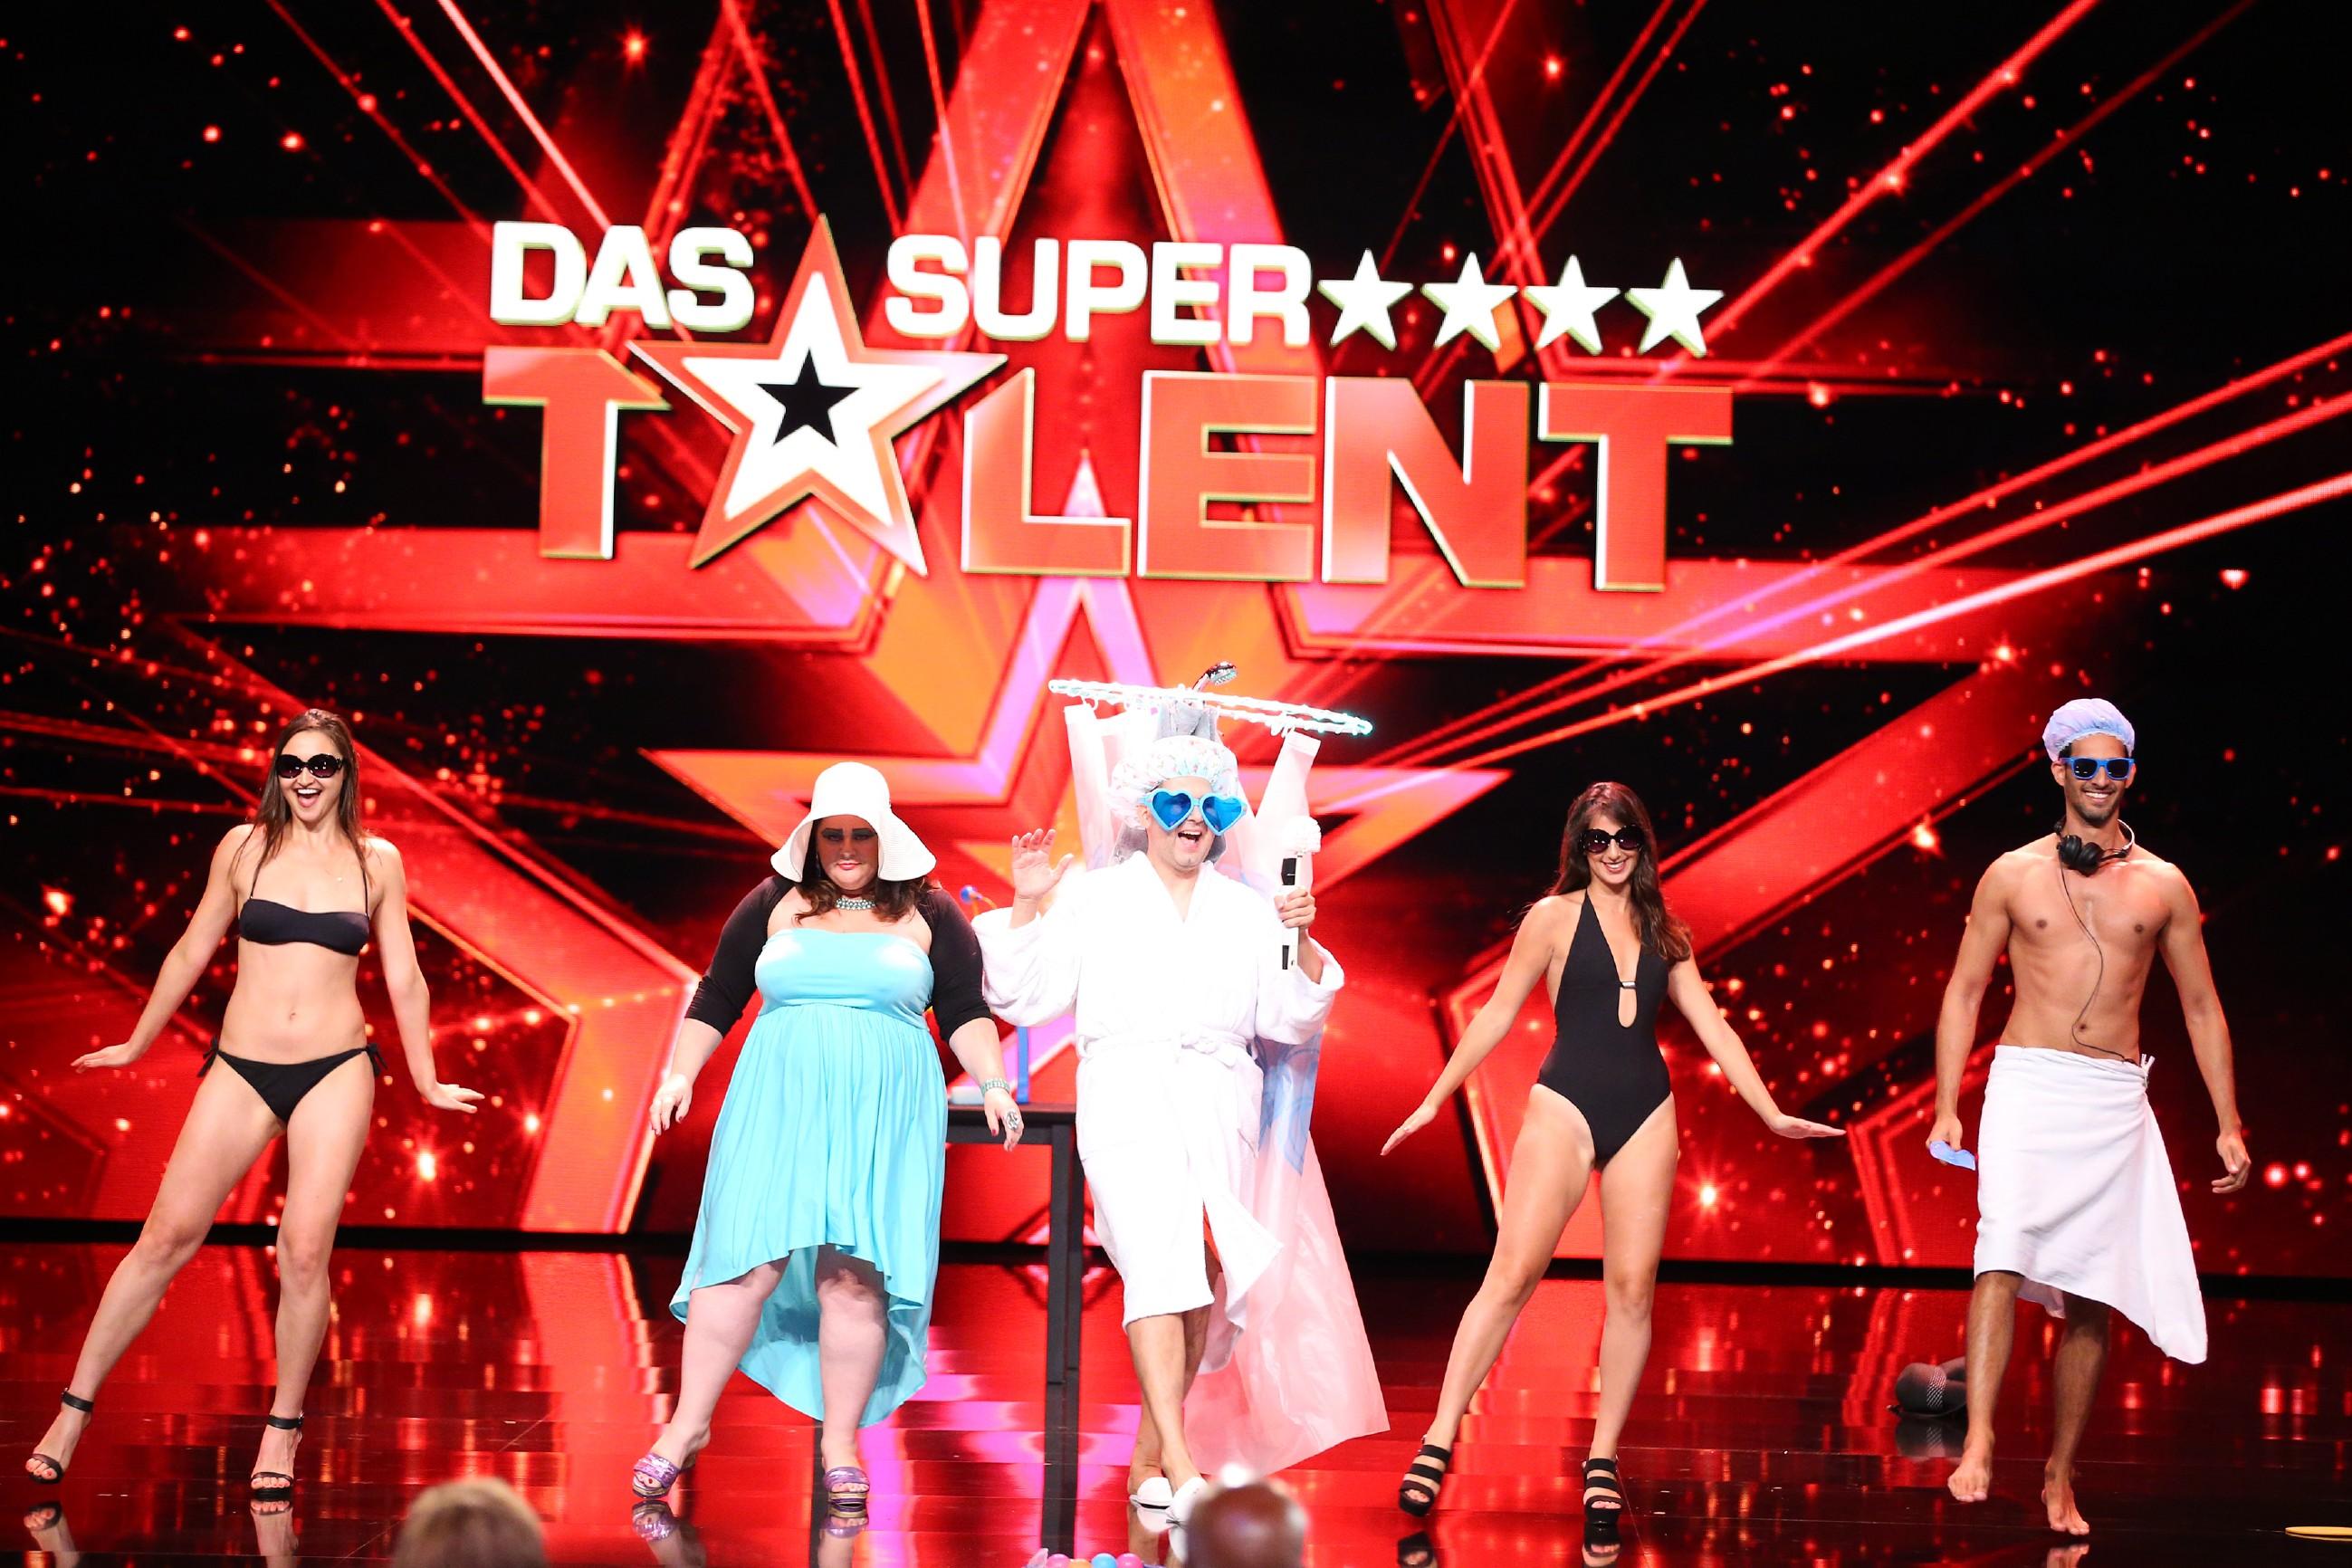 Das Supertalent 2016 - Oren Toubiana